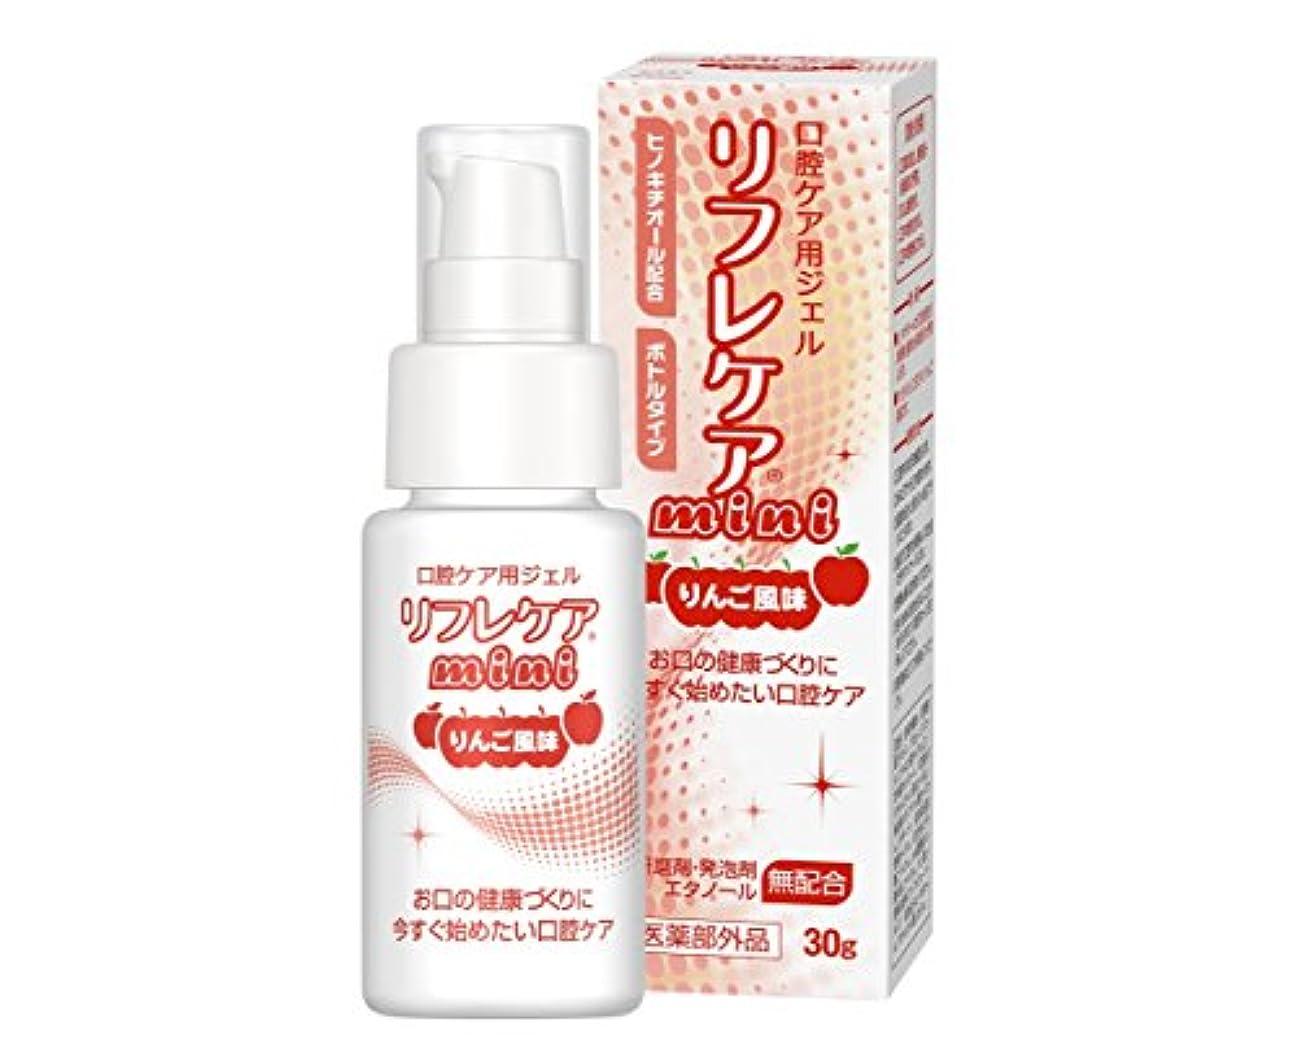 櫛扇動研究所リフレケアmini(りんご風味) 30g [医薬部外品]